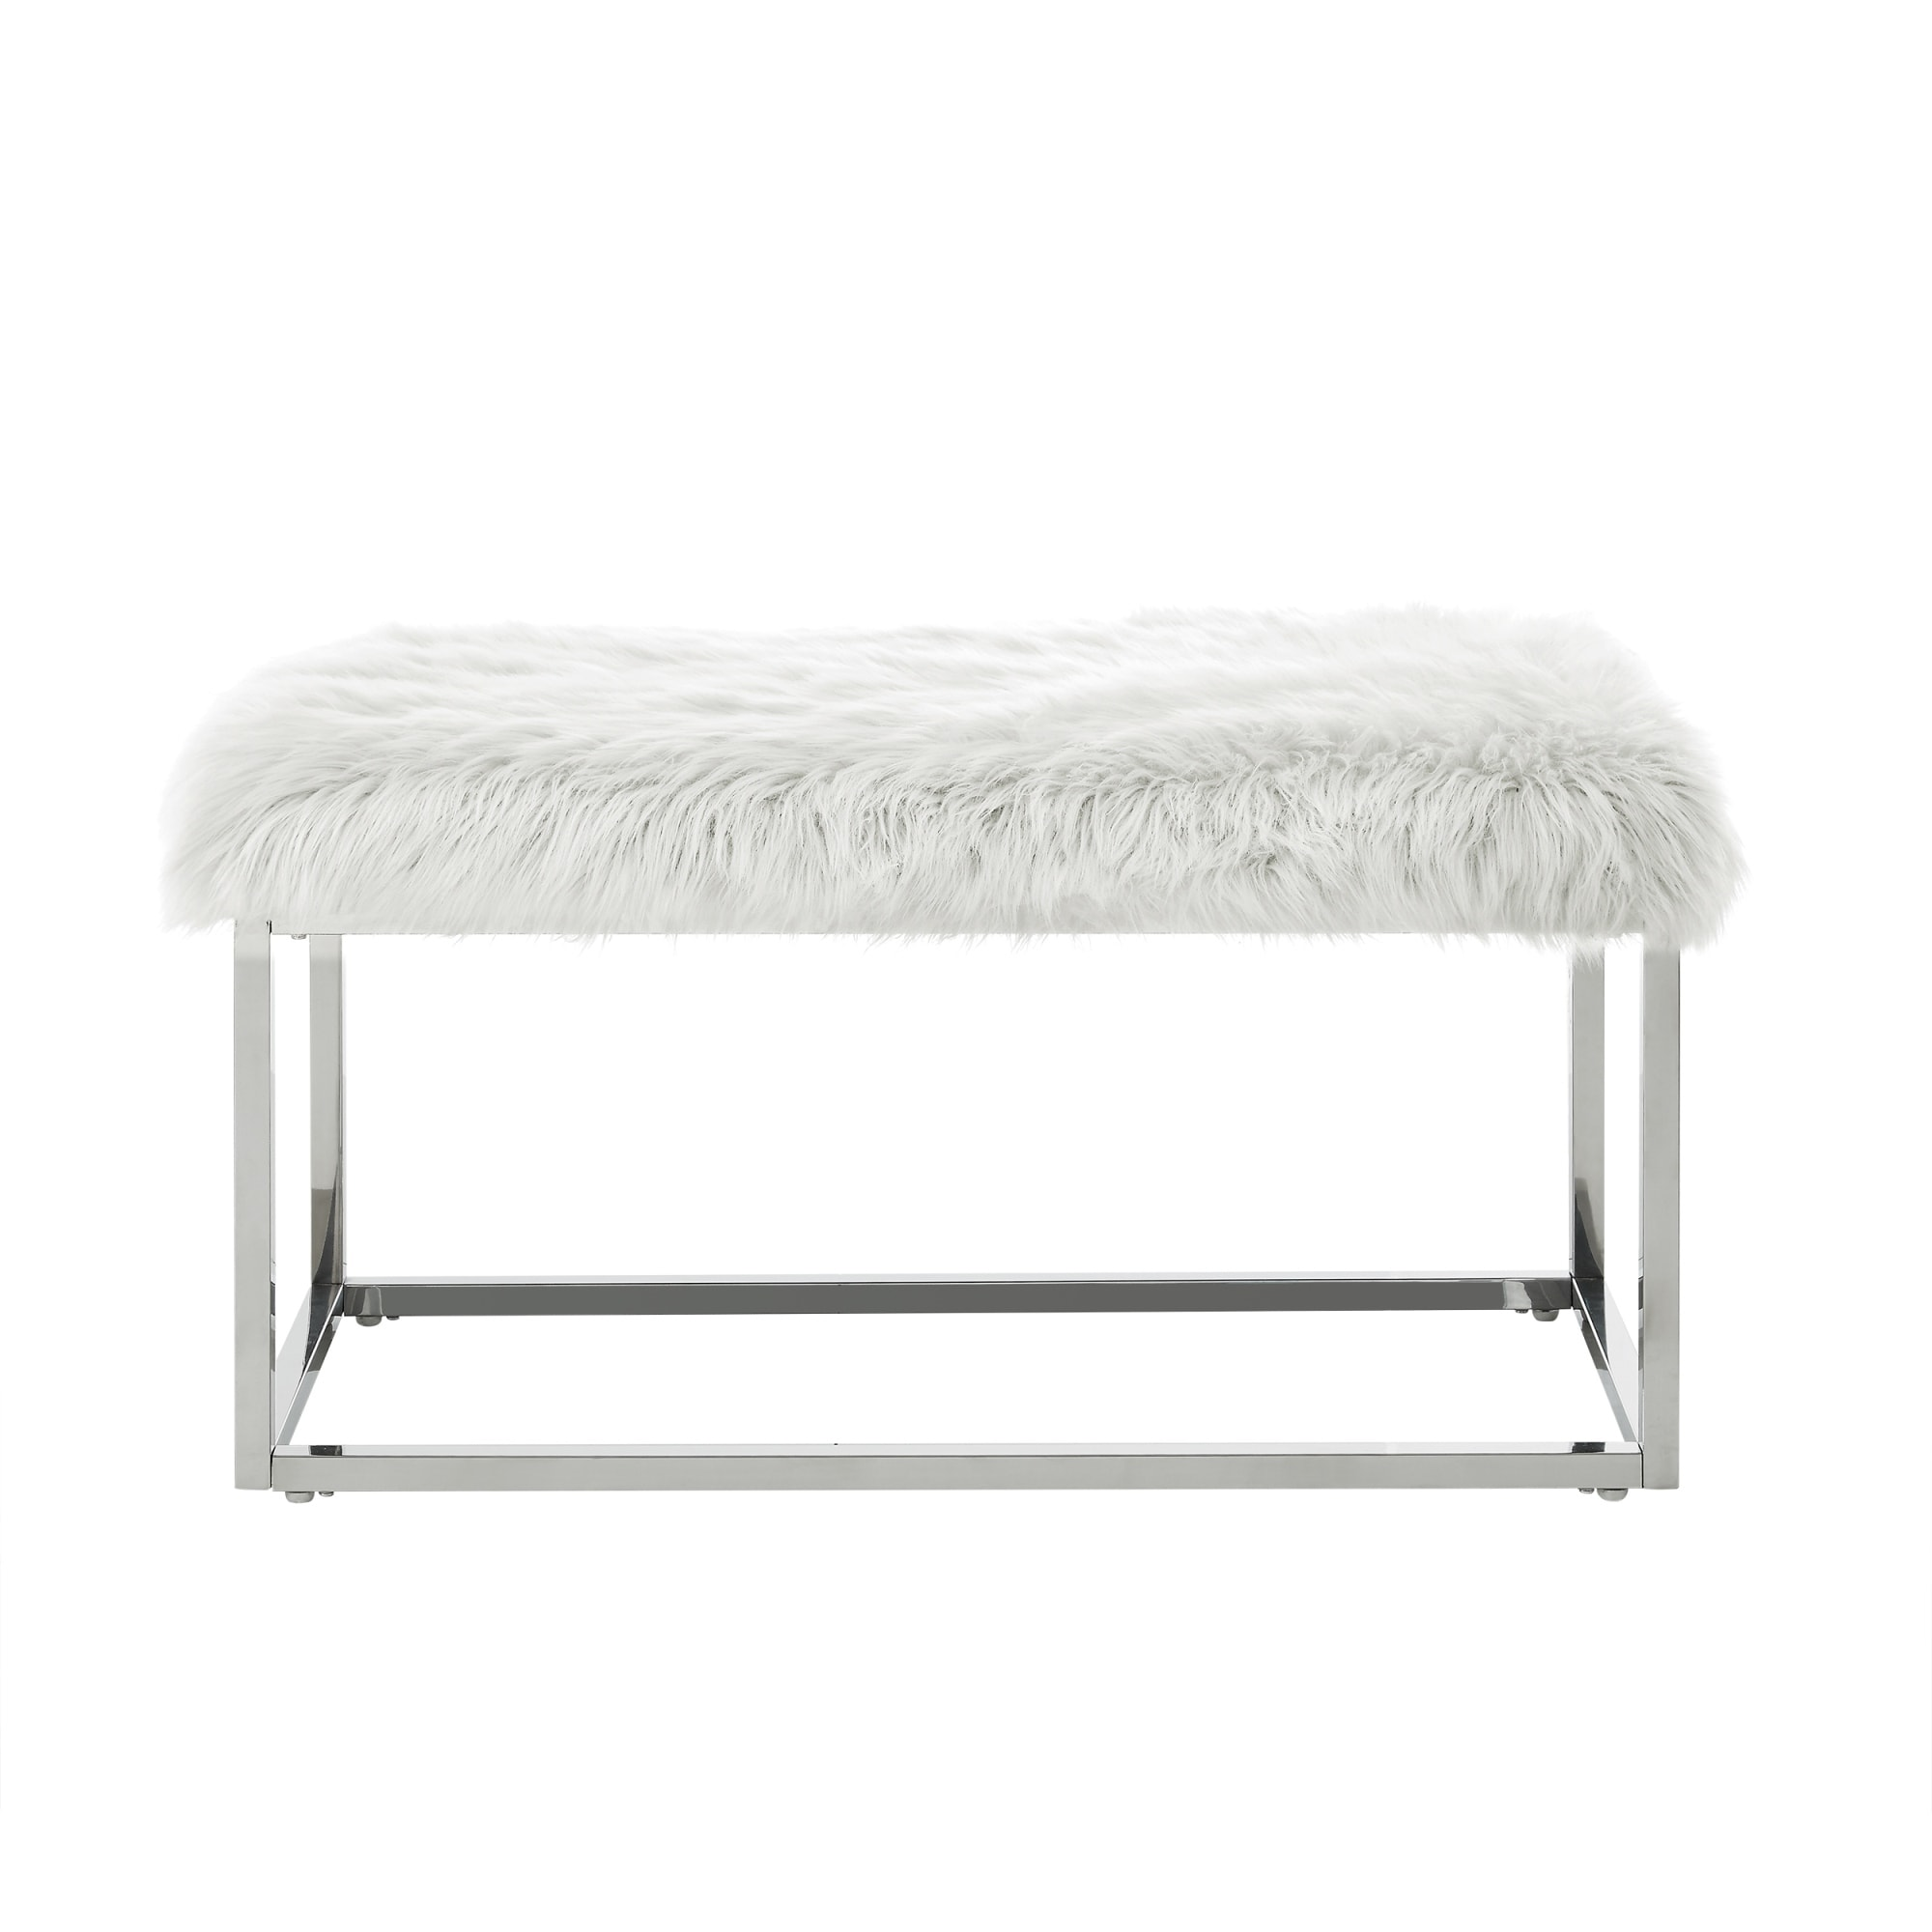 Shop Degas Faux Fur Ottoman Bench with Metal Frame - On Sale - Free ...